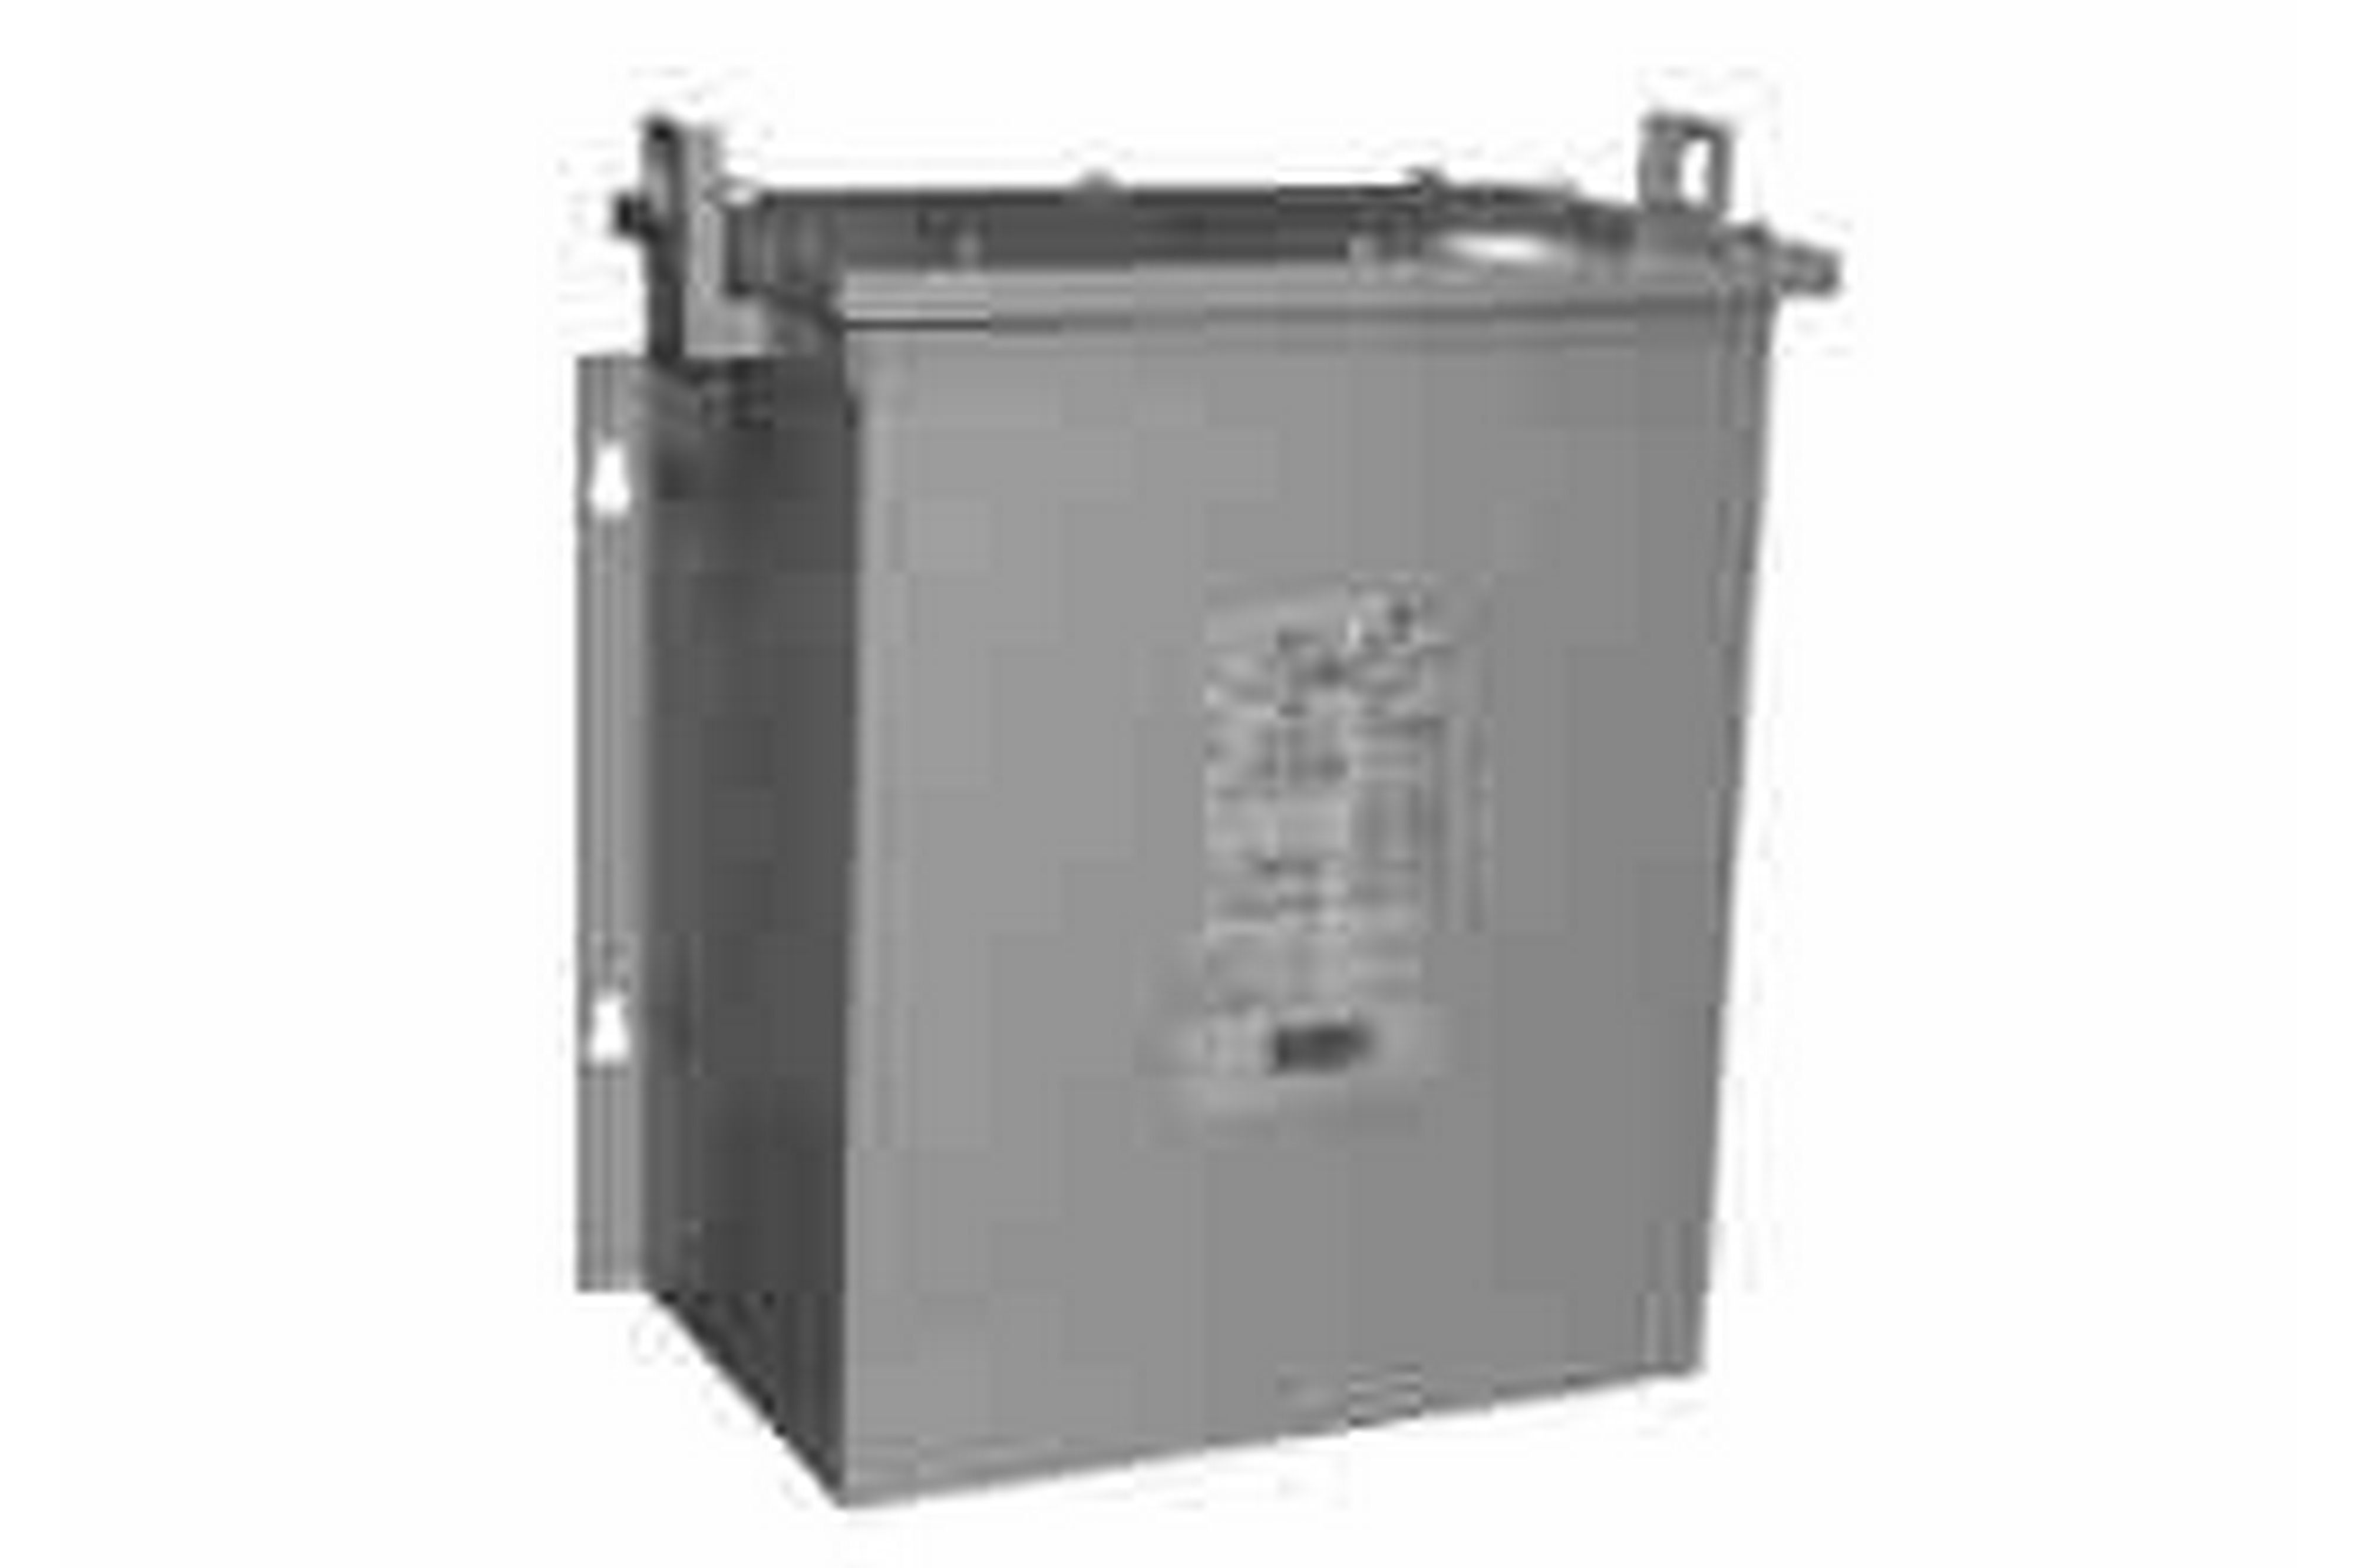 3kva Industrial Transformer - 480v Delta Primary